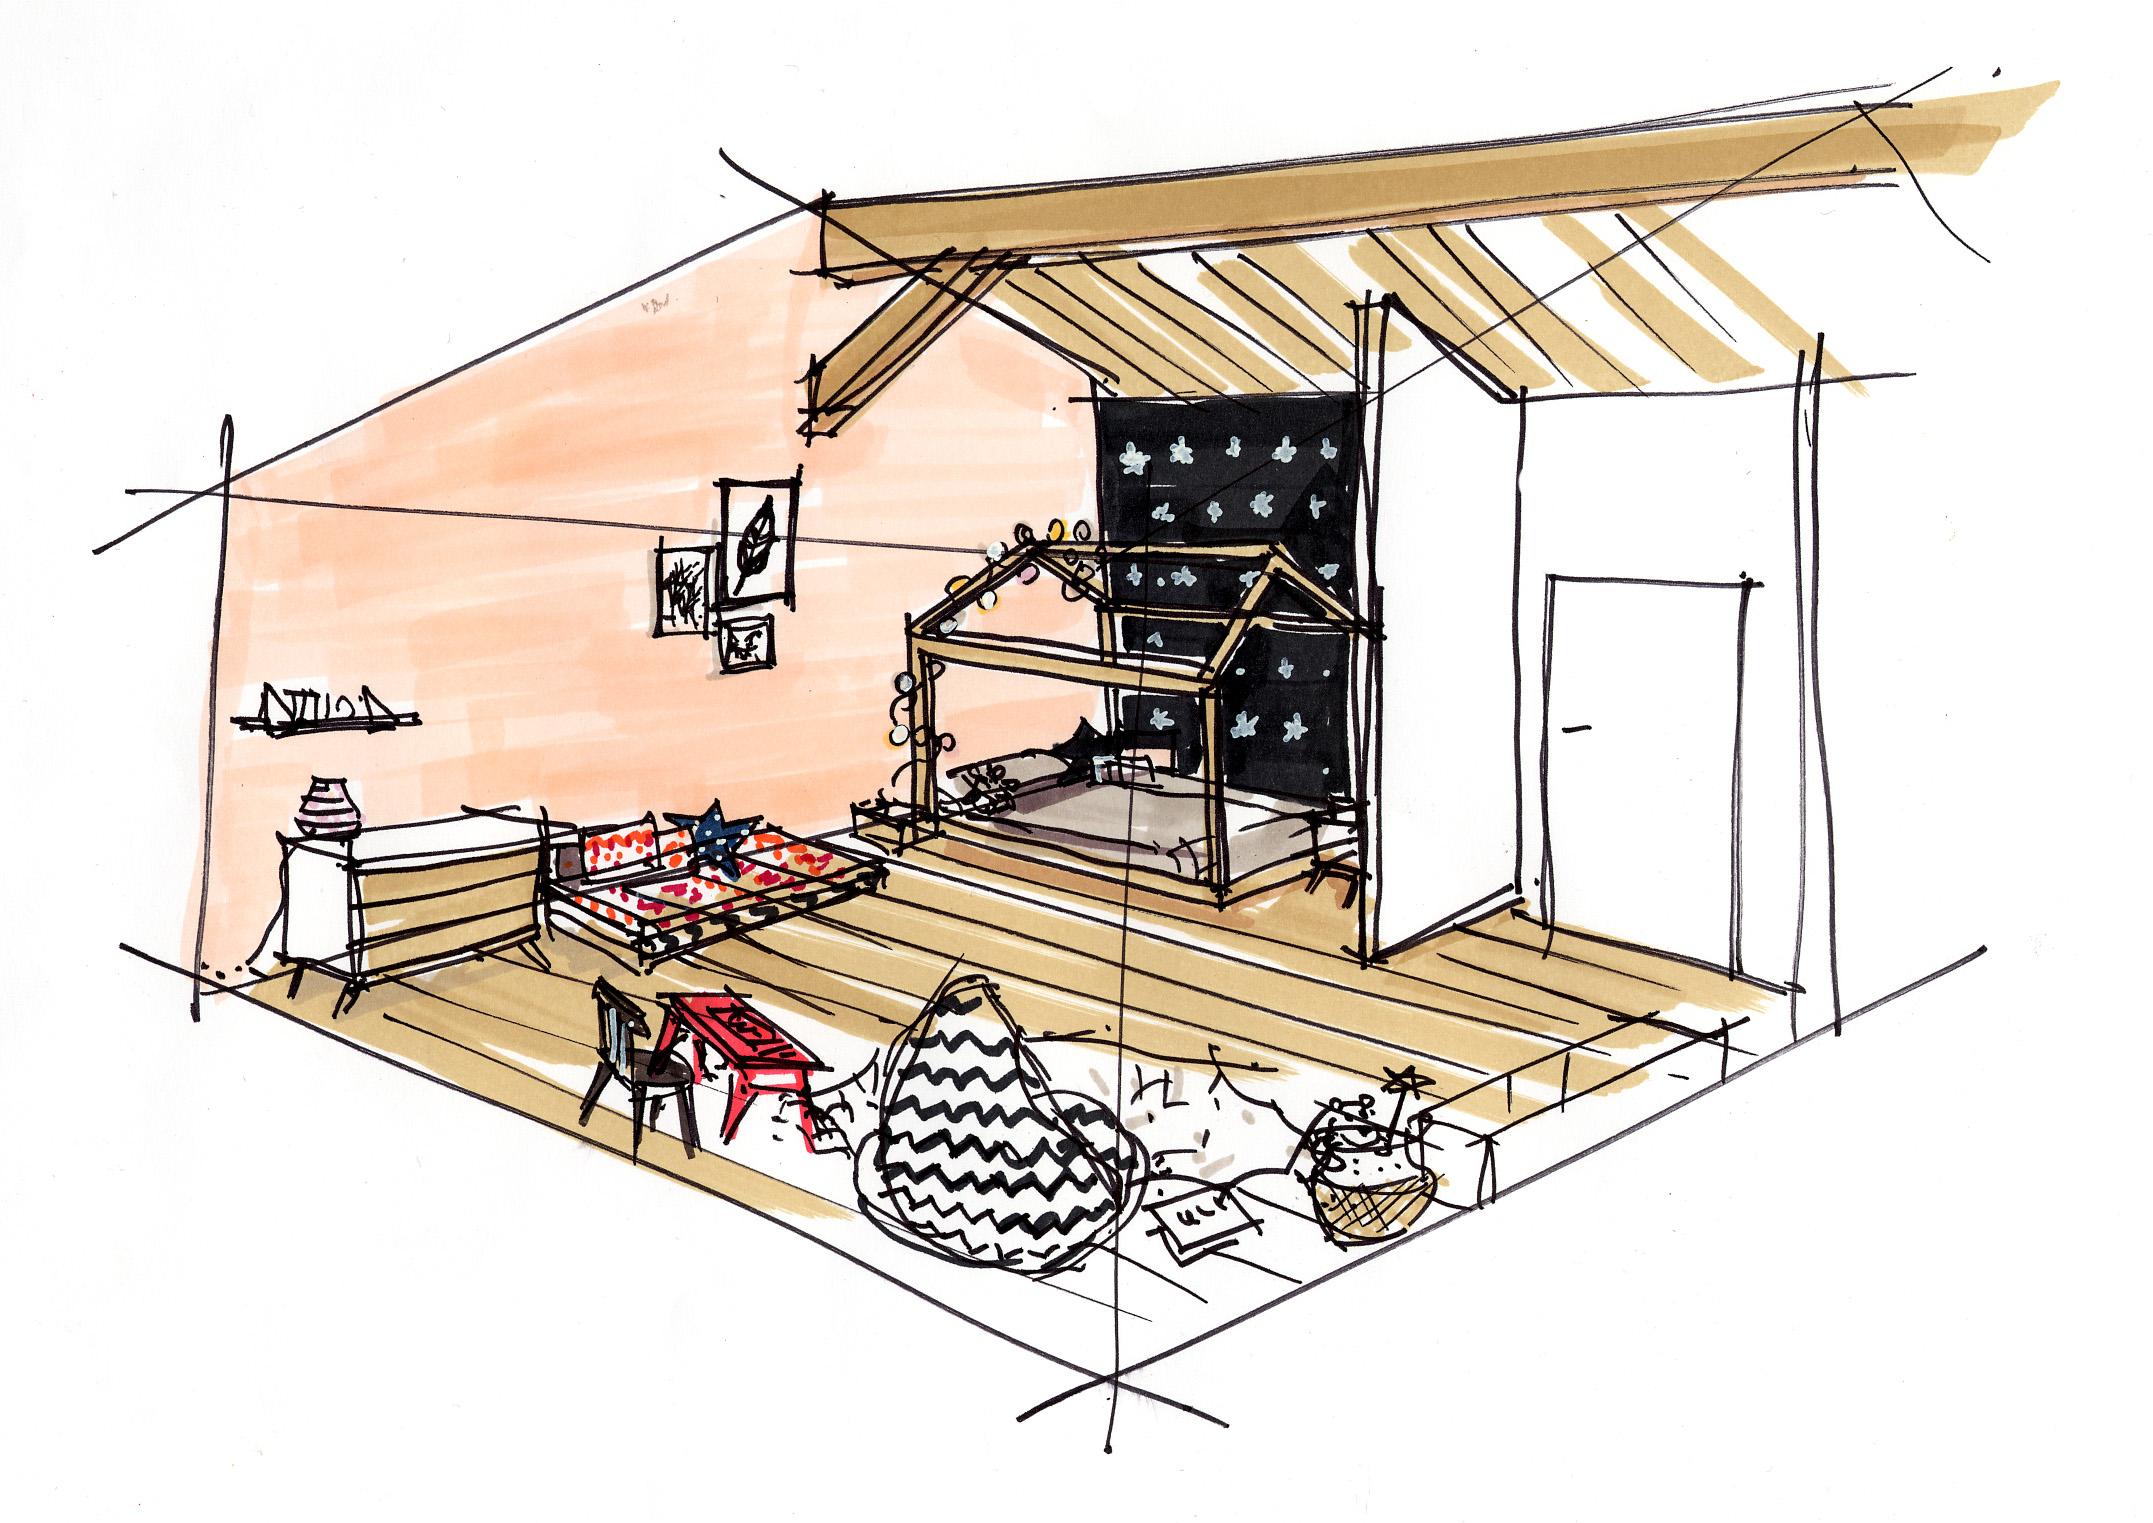 loft-paris-croquis-architecture-interieure-bnf-1